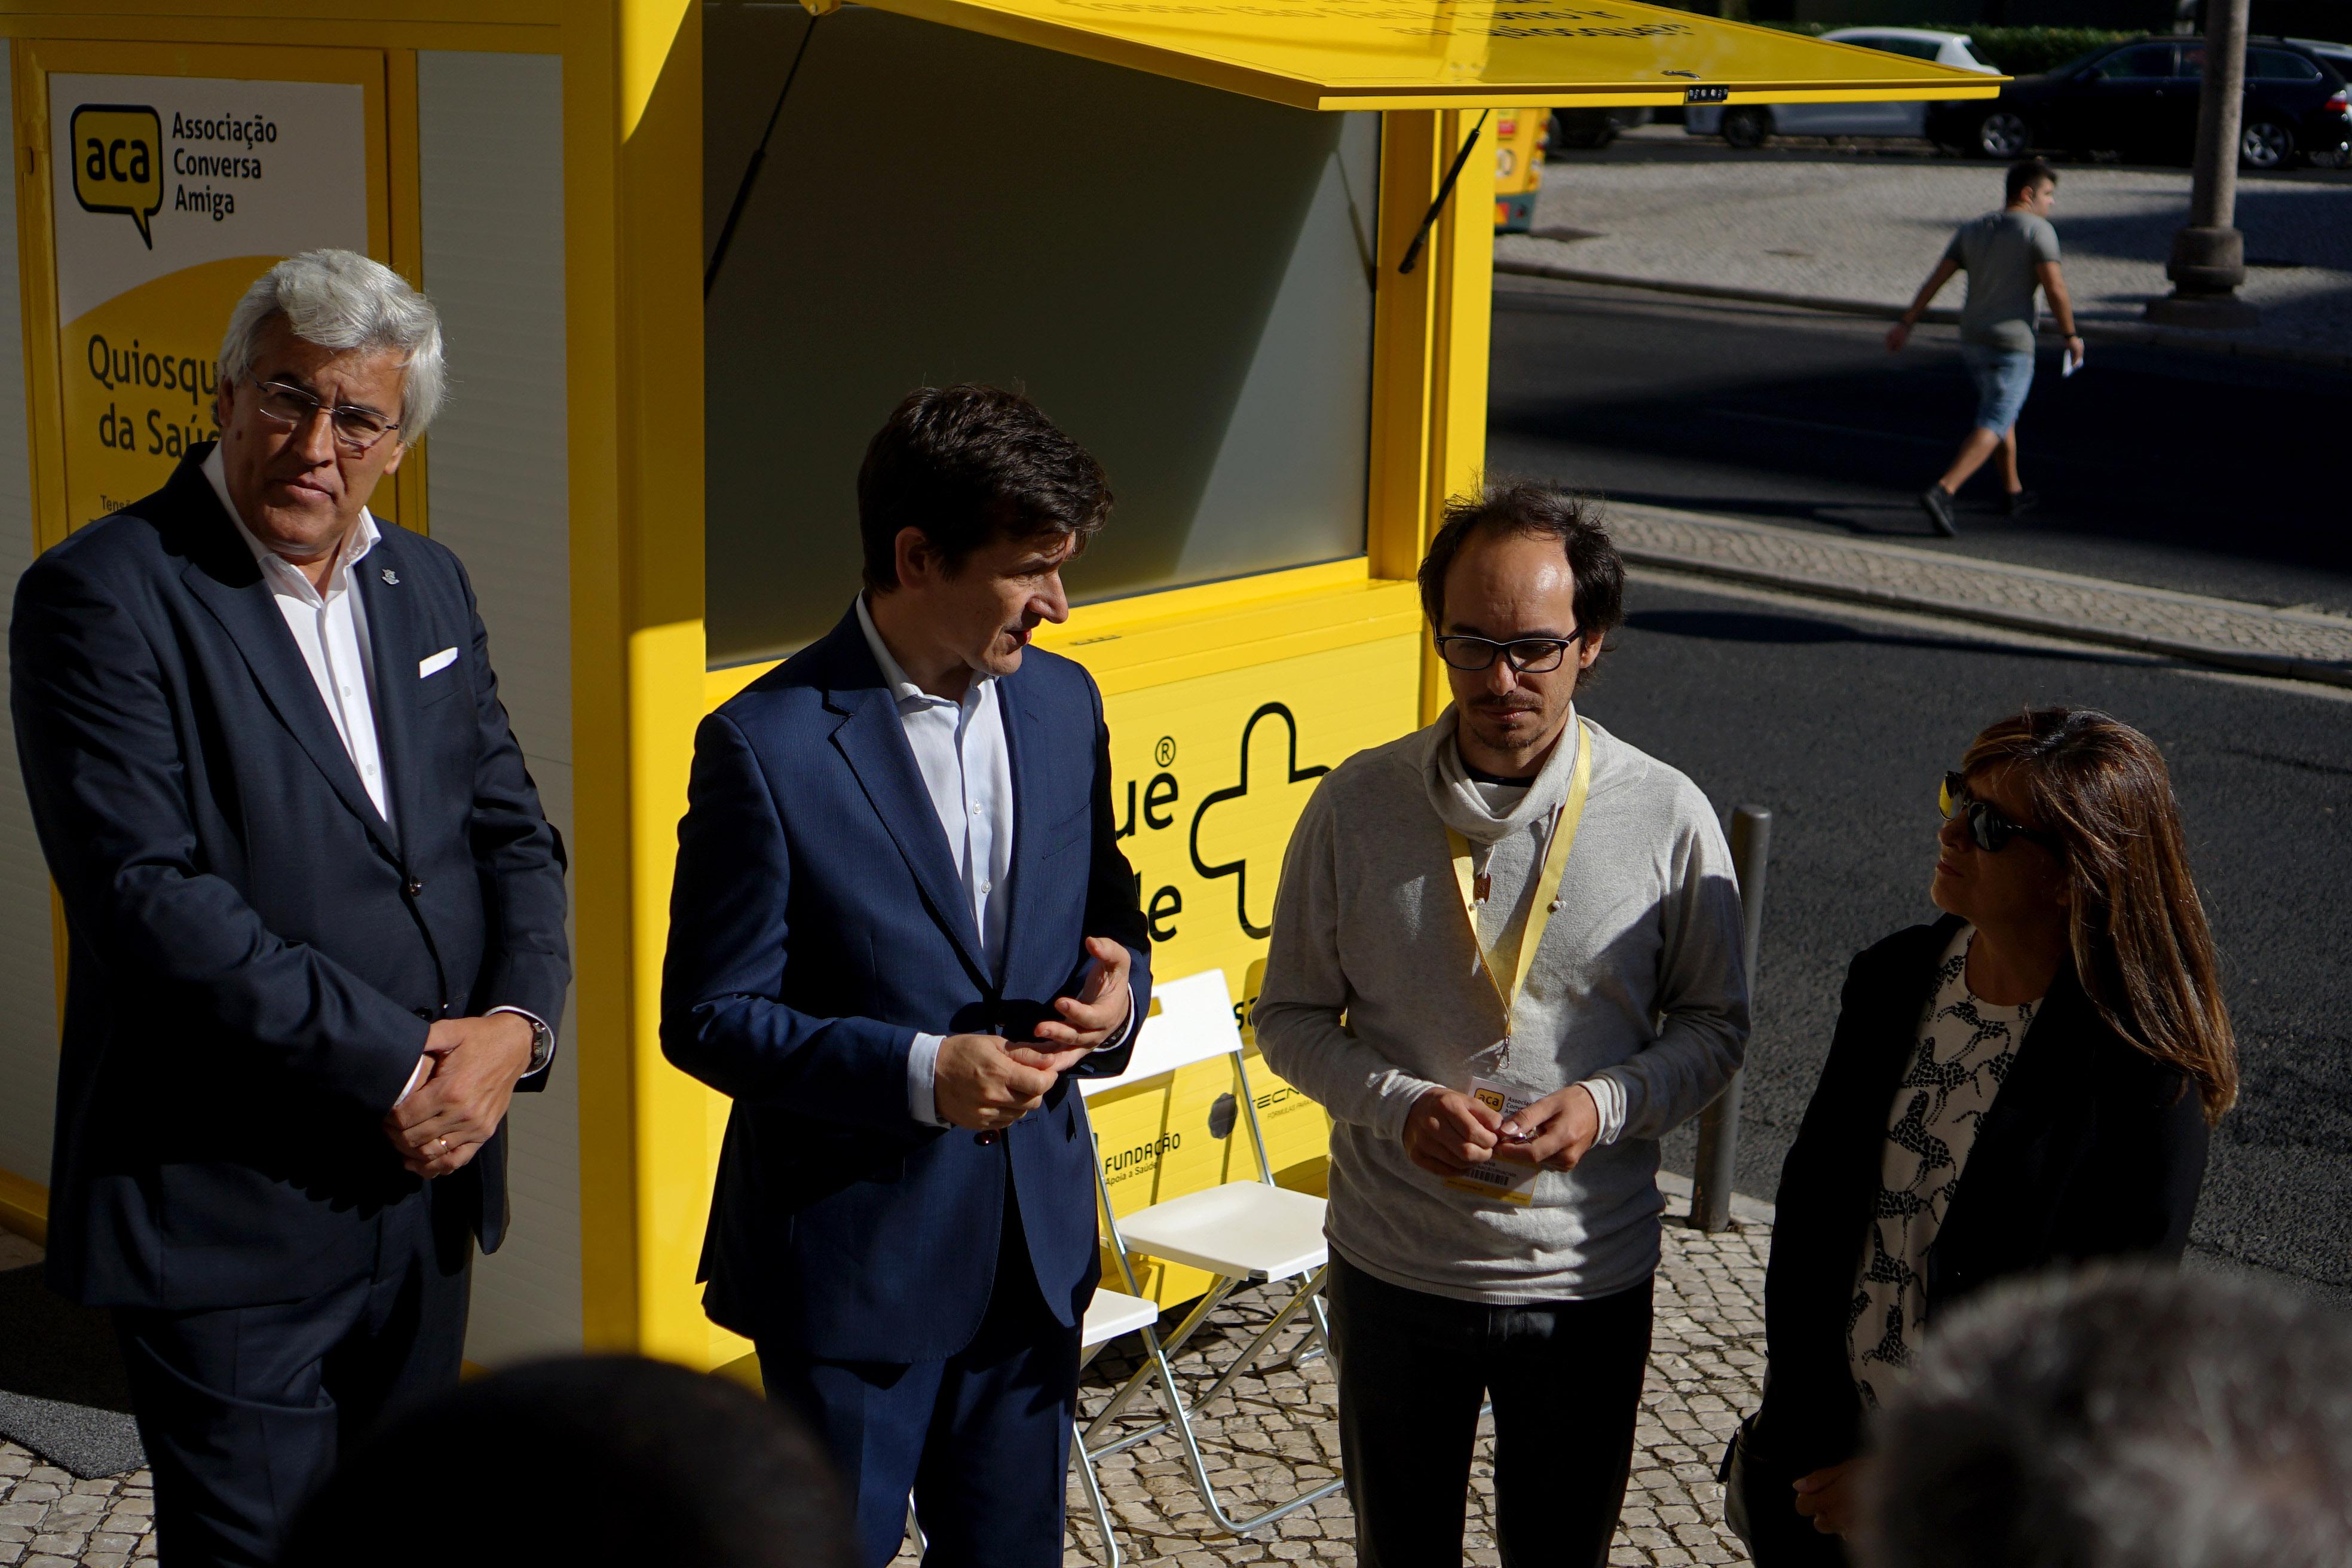 Abriu um novo Quiosque da Saúde na capital